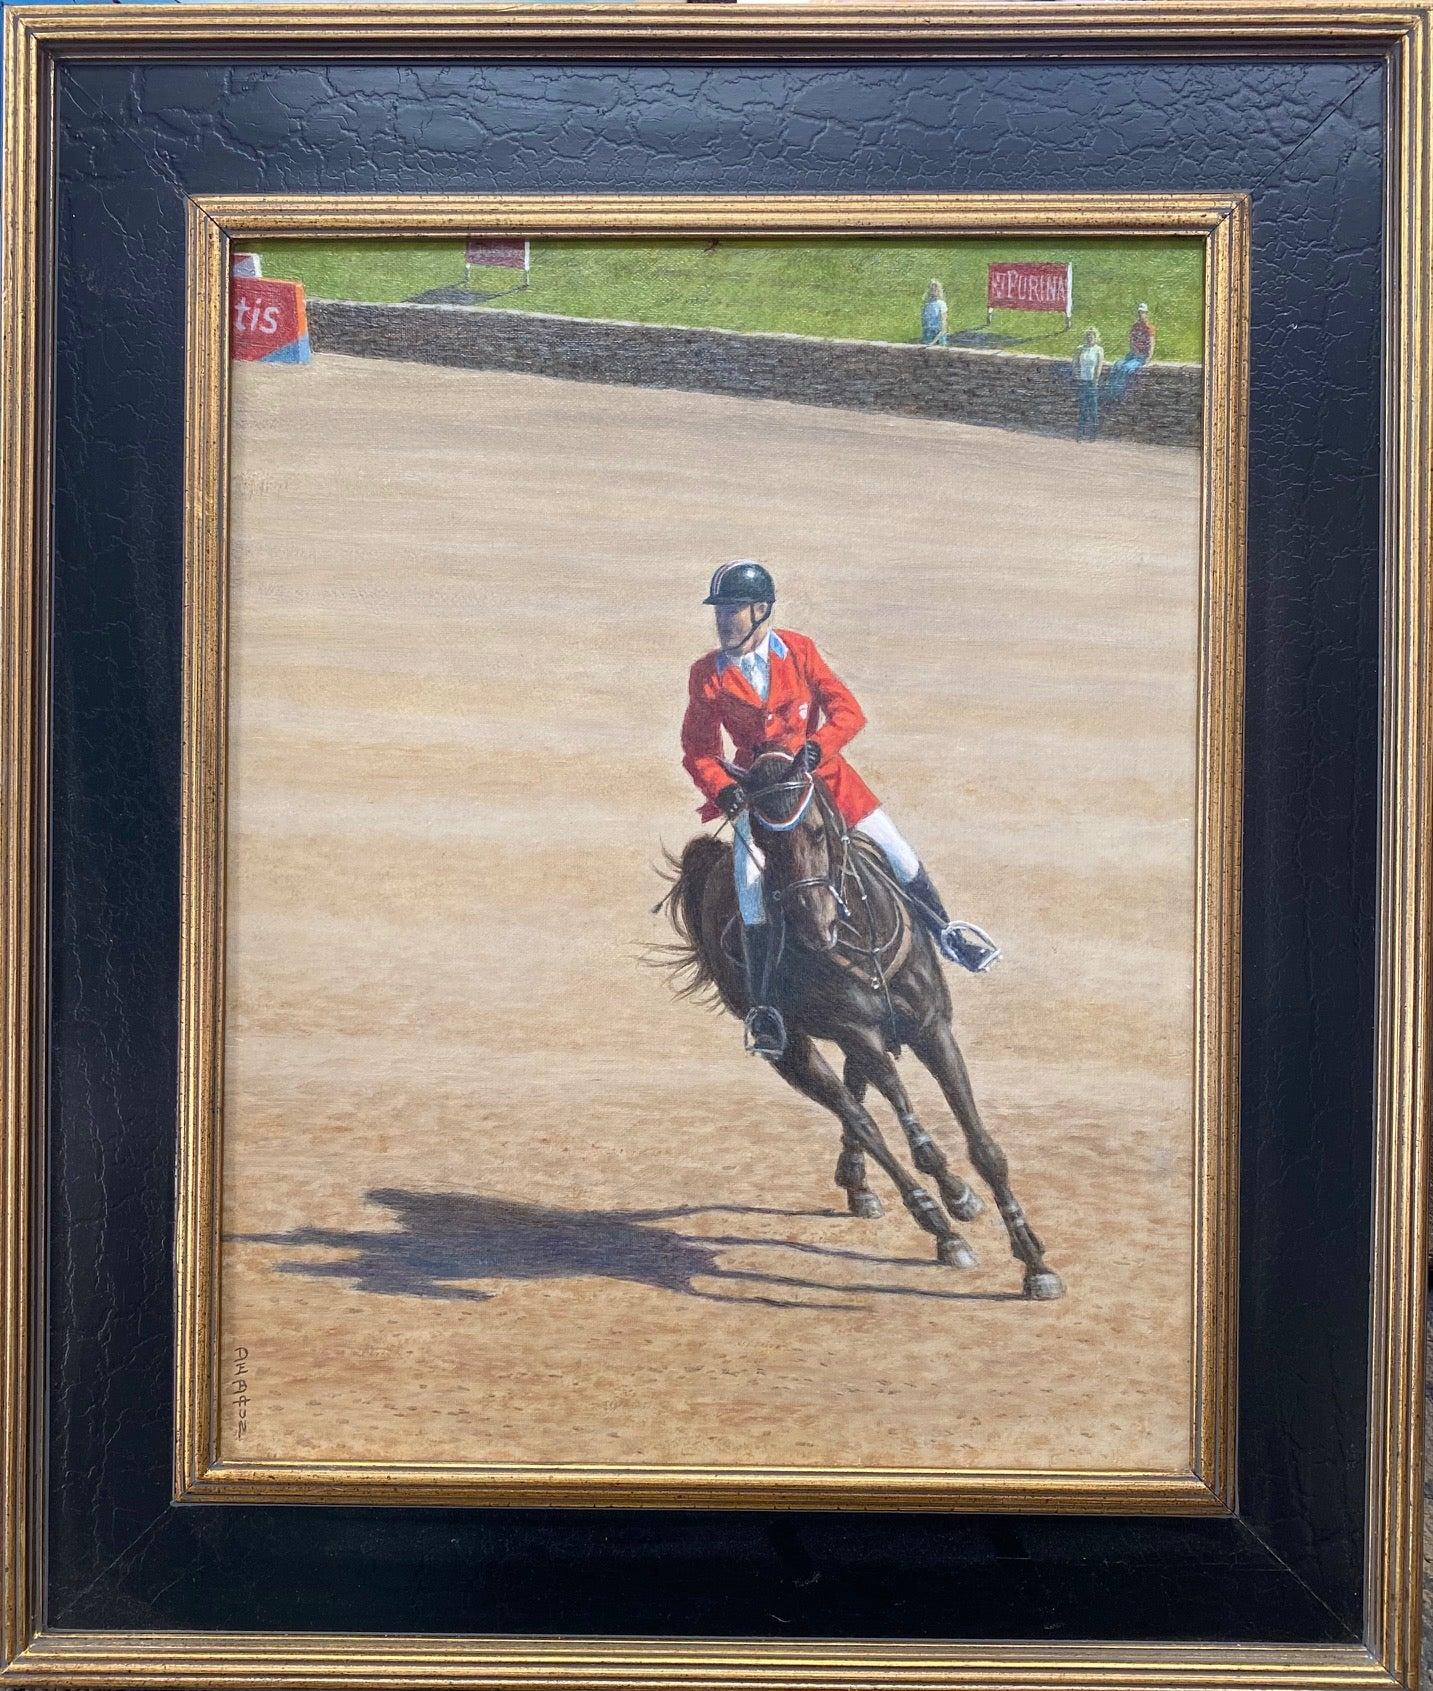 Cornering the Course, original realistic equestrian landscape